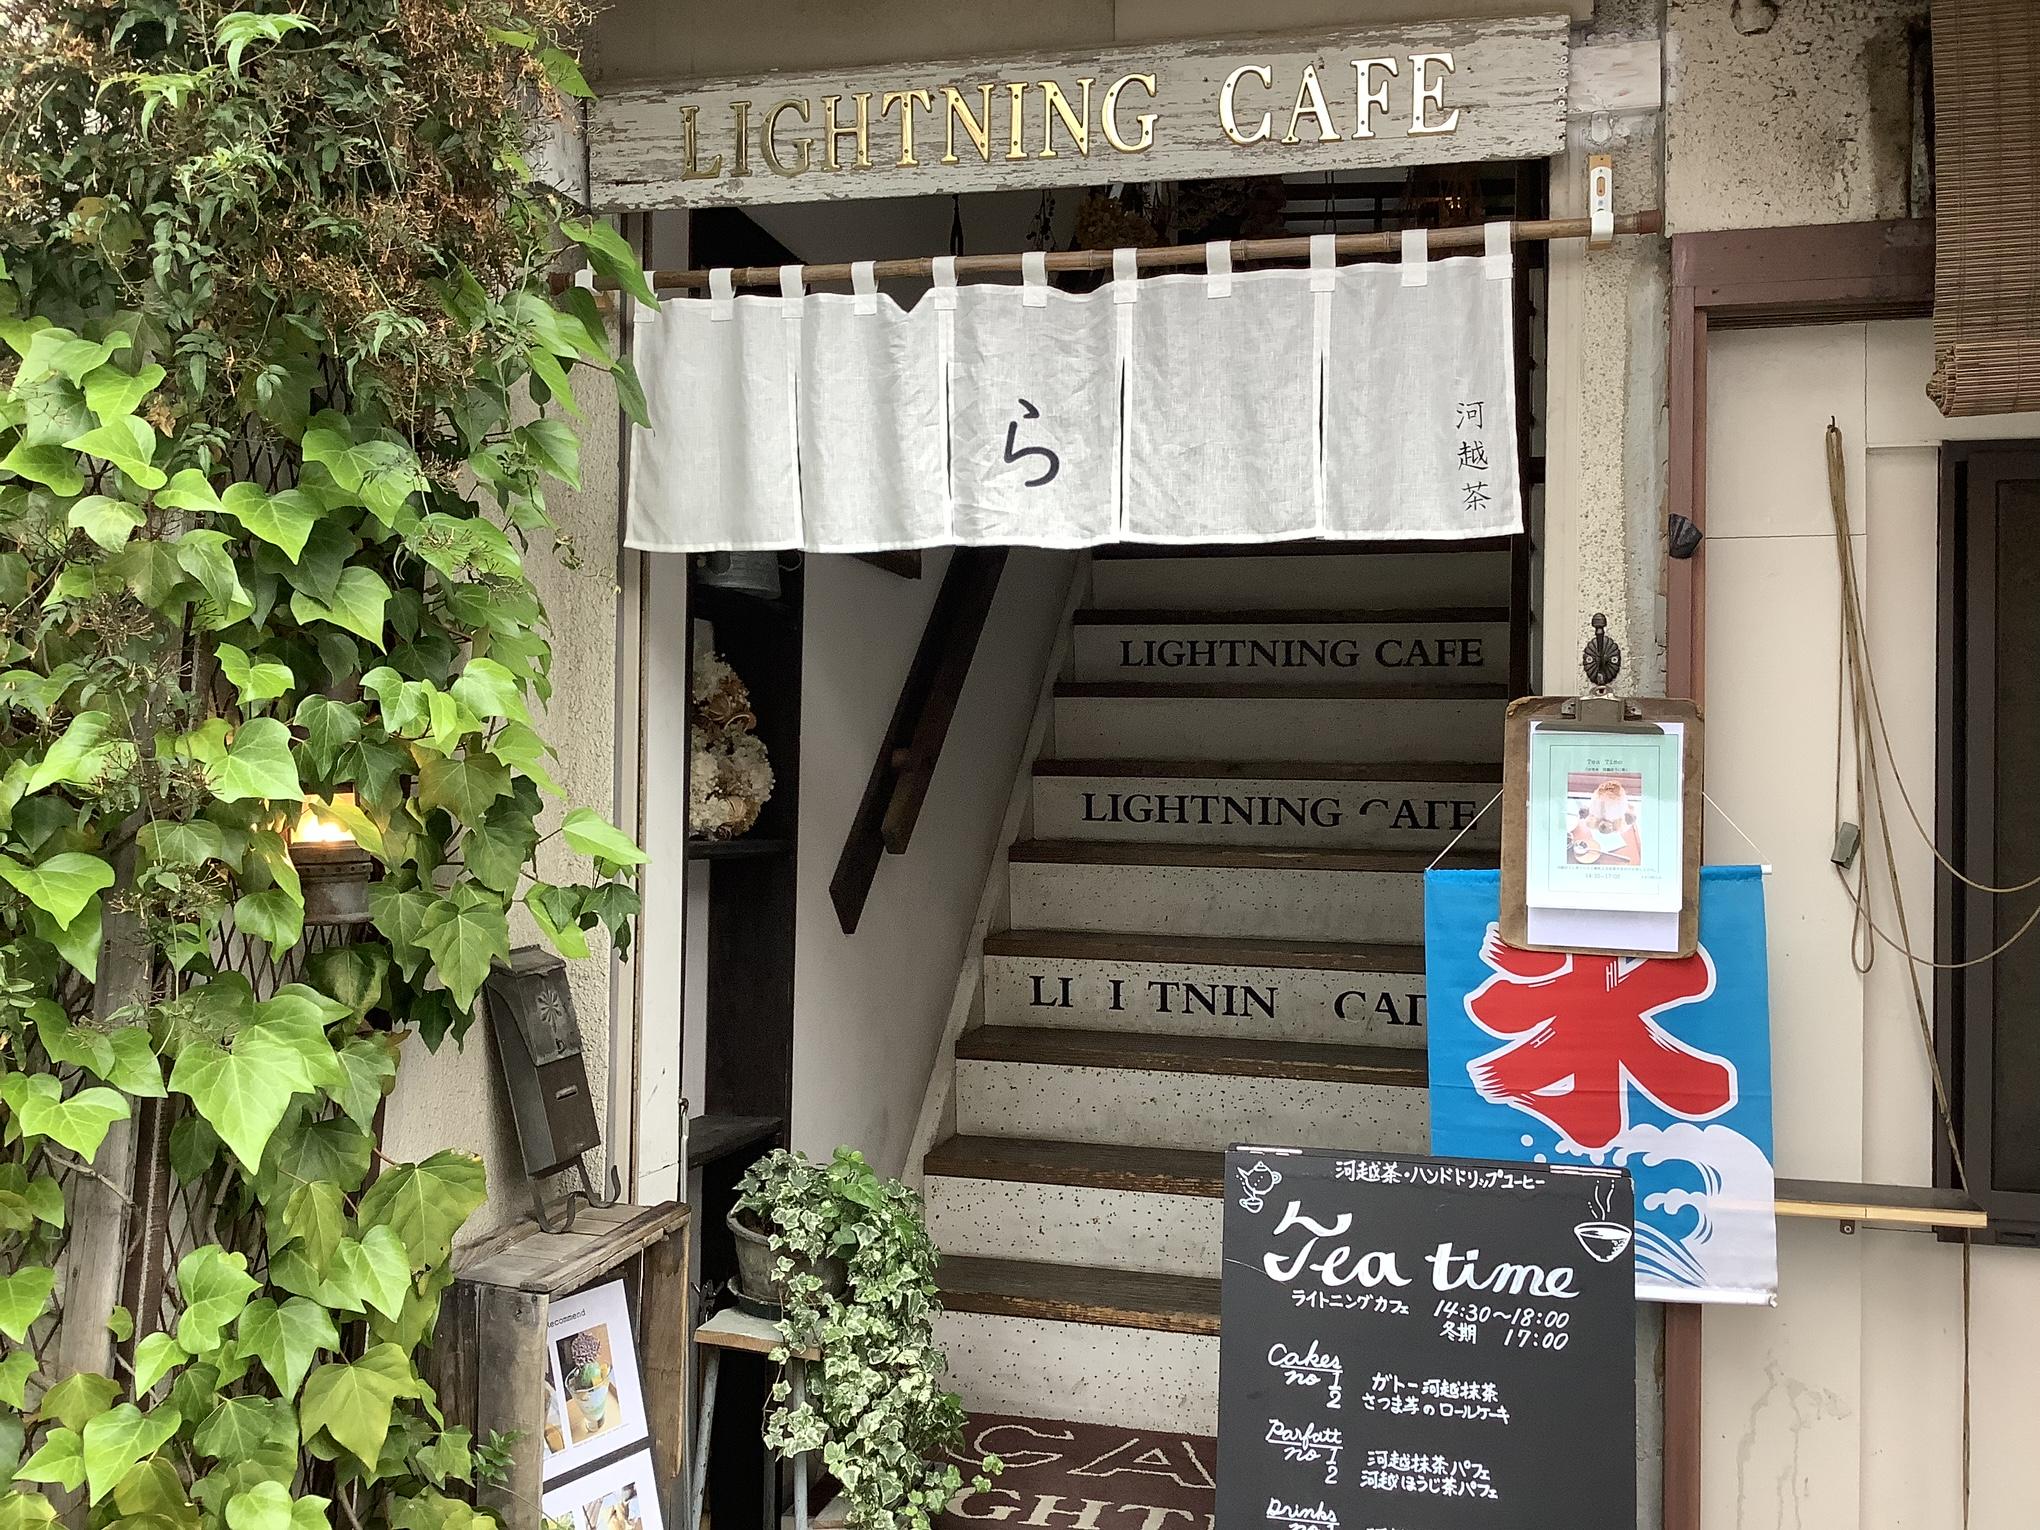 入り口 ライトニングカフェ(Lightning Caf)